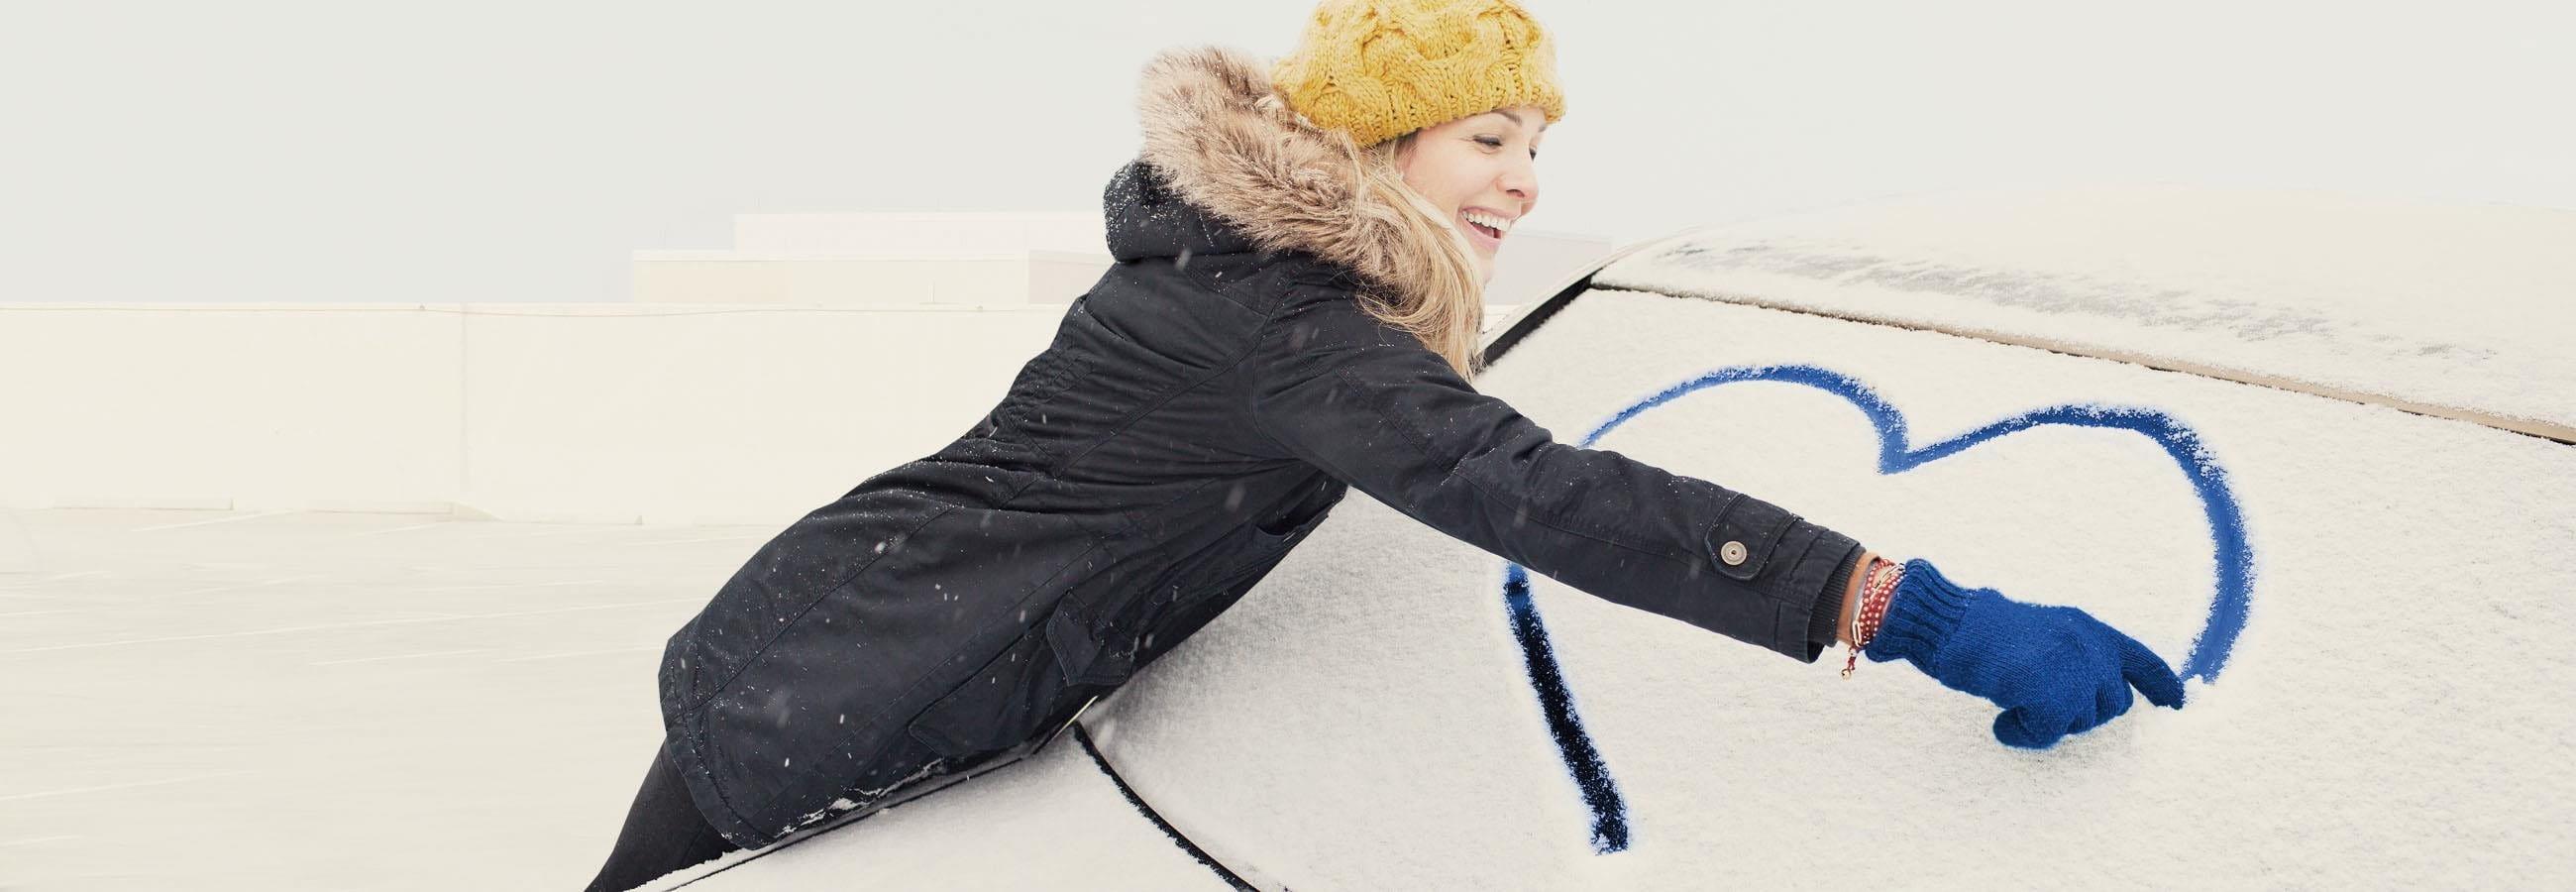 Frau malt Herz auf Autoscheibe